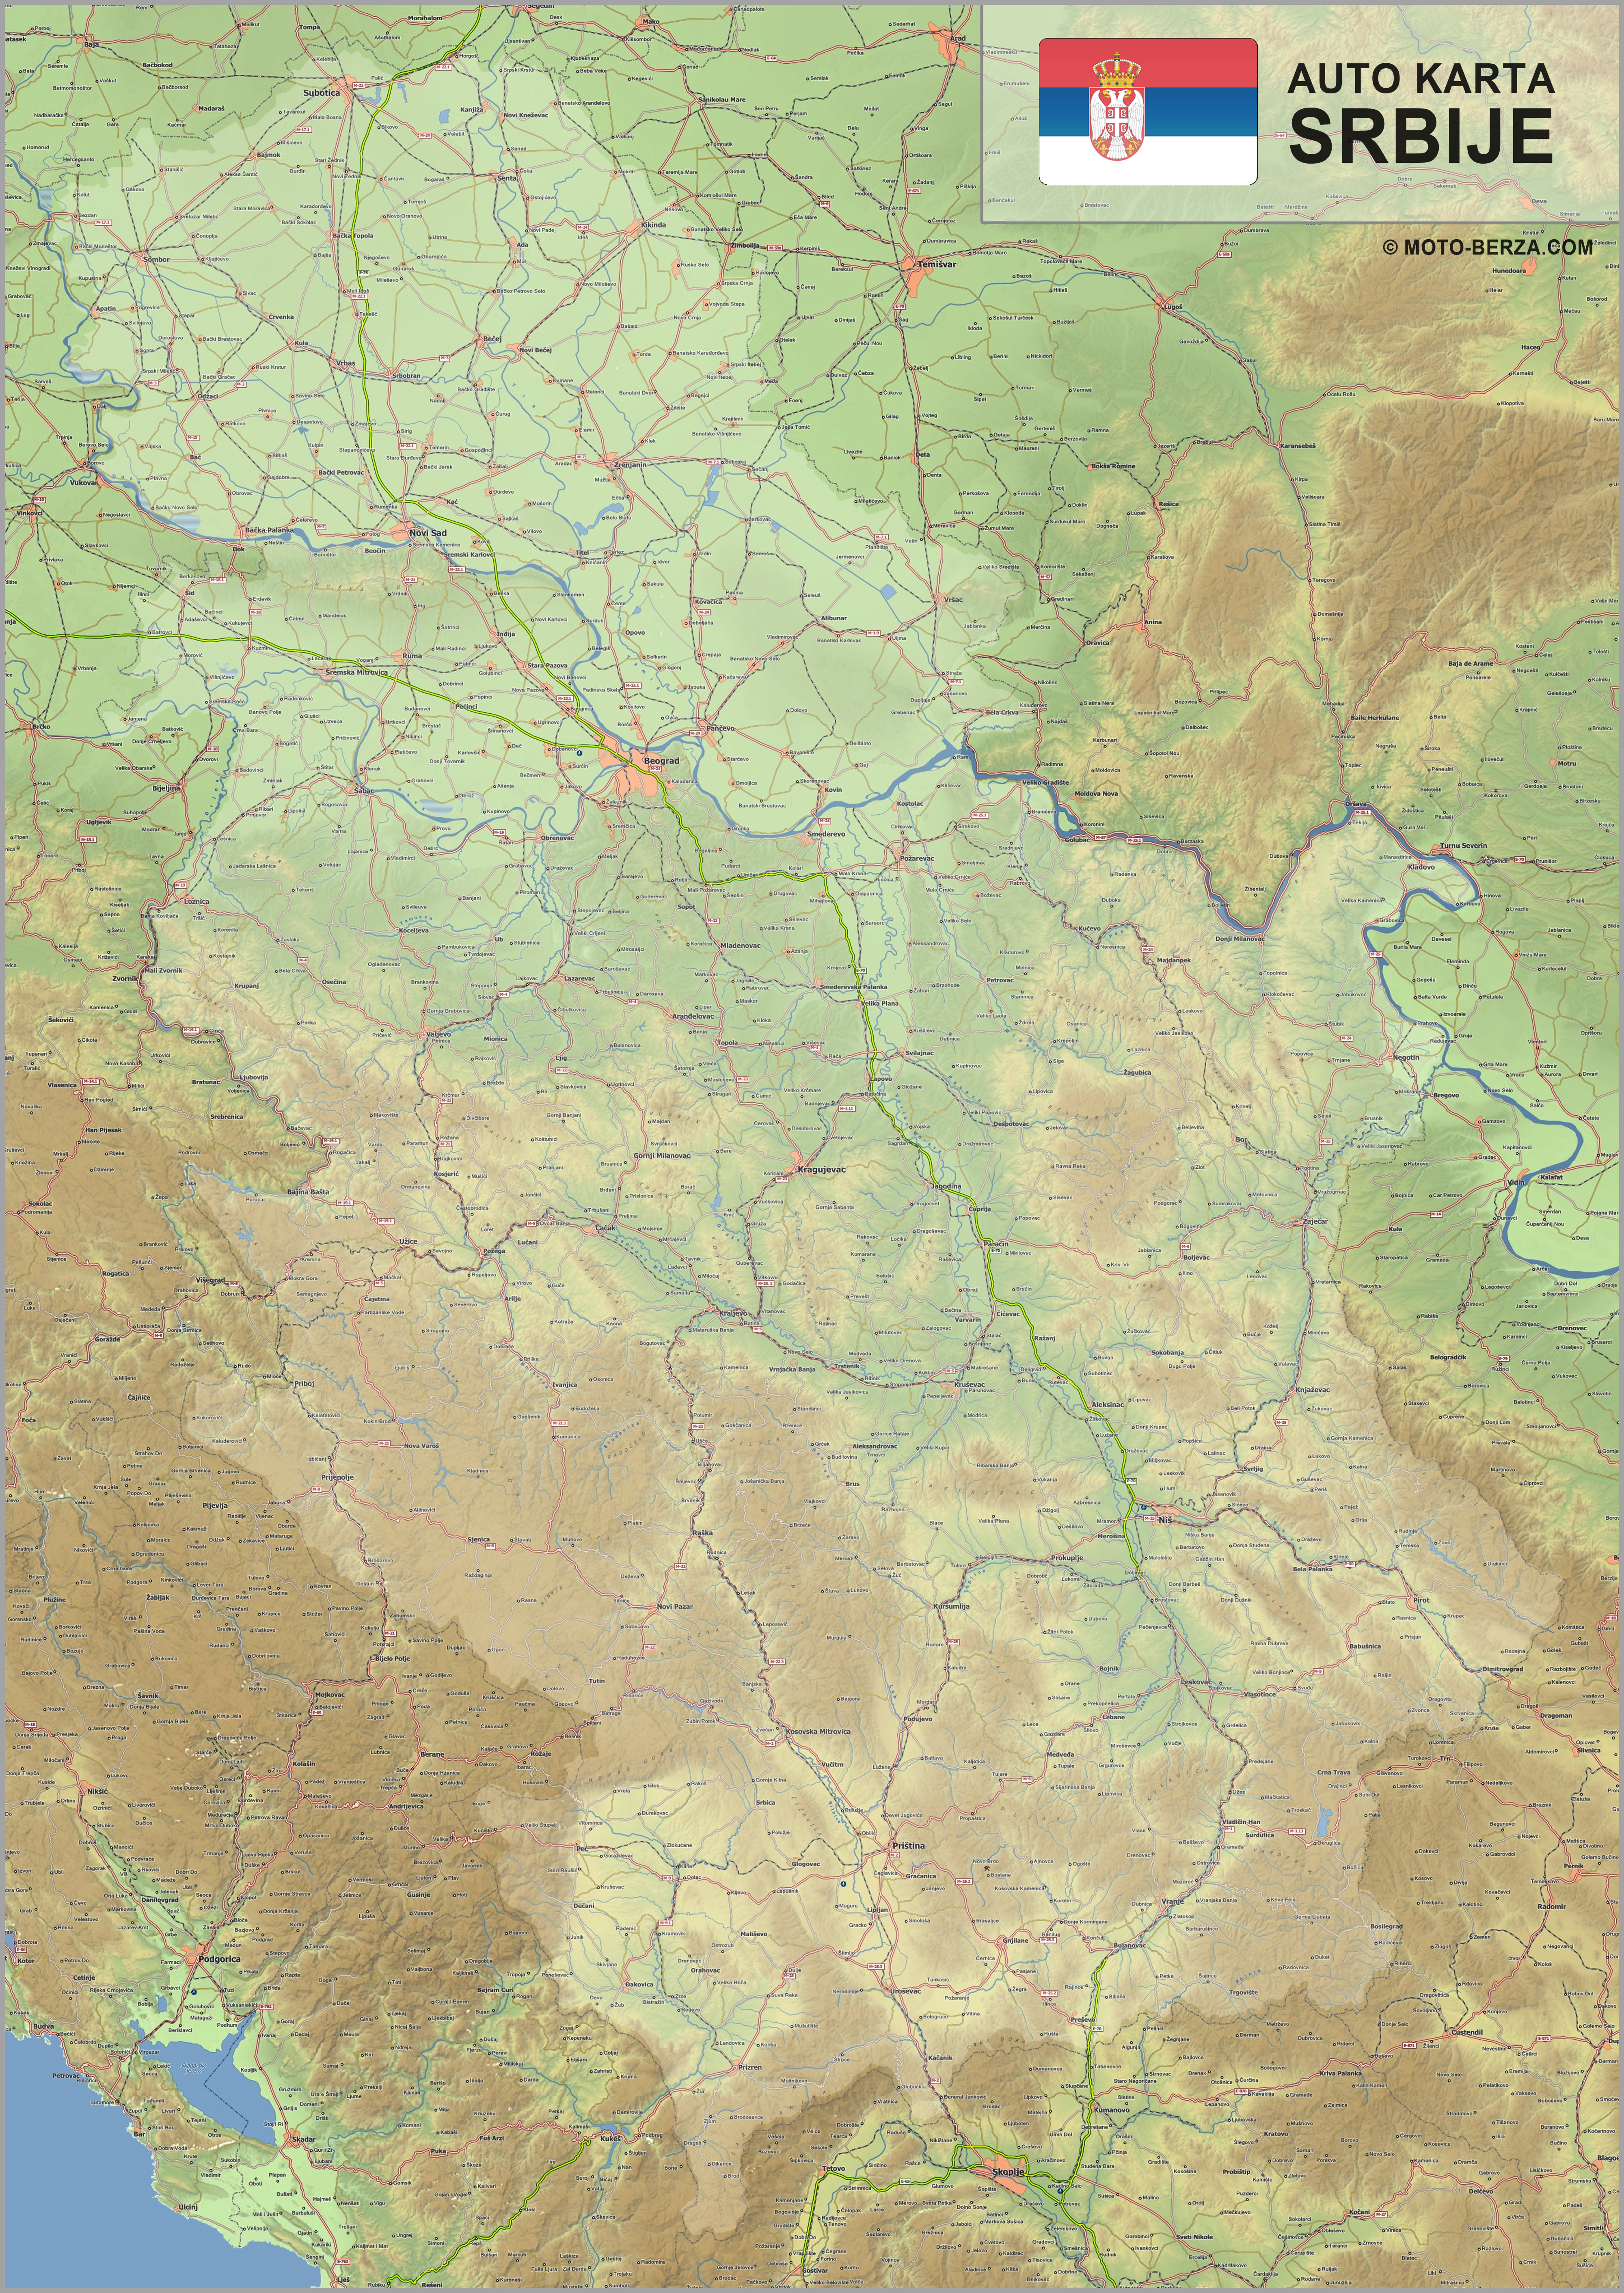 Zemljopisna Karta Srbije Karta